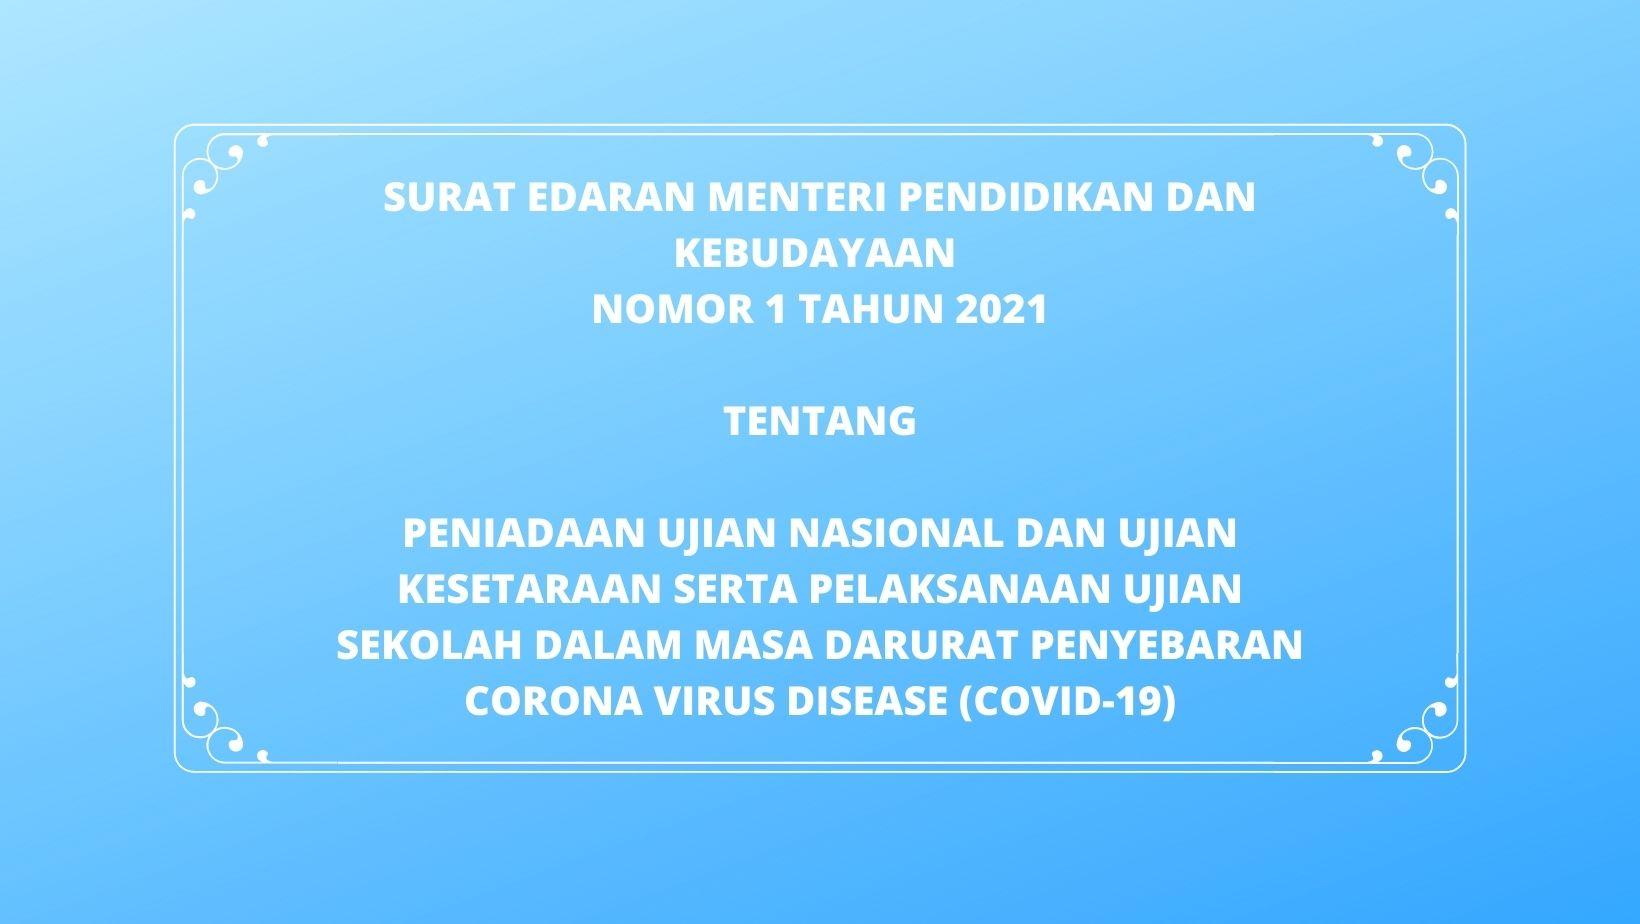 surat edaran mendikbud nomor 1 tahun 2021, peniadaan un tahun 2021, ujian sekolah 2021